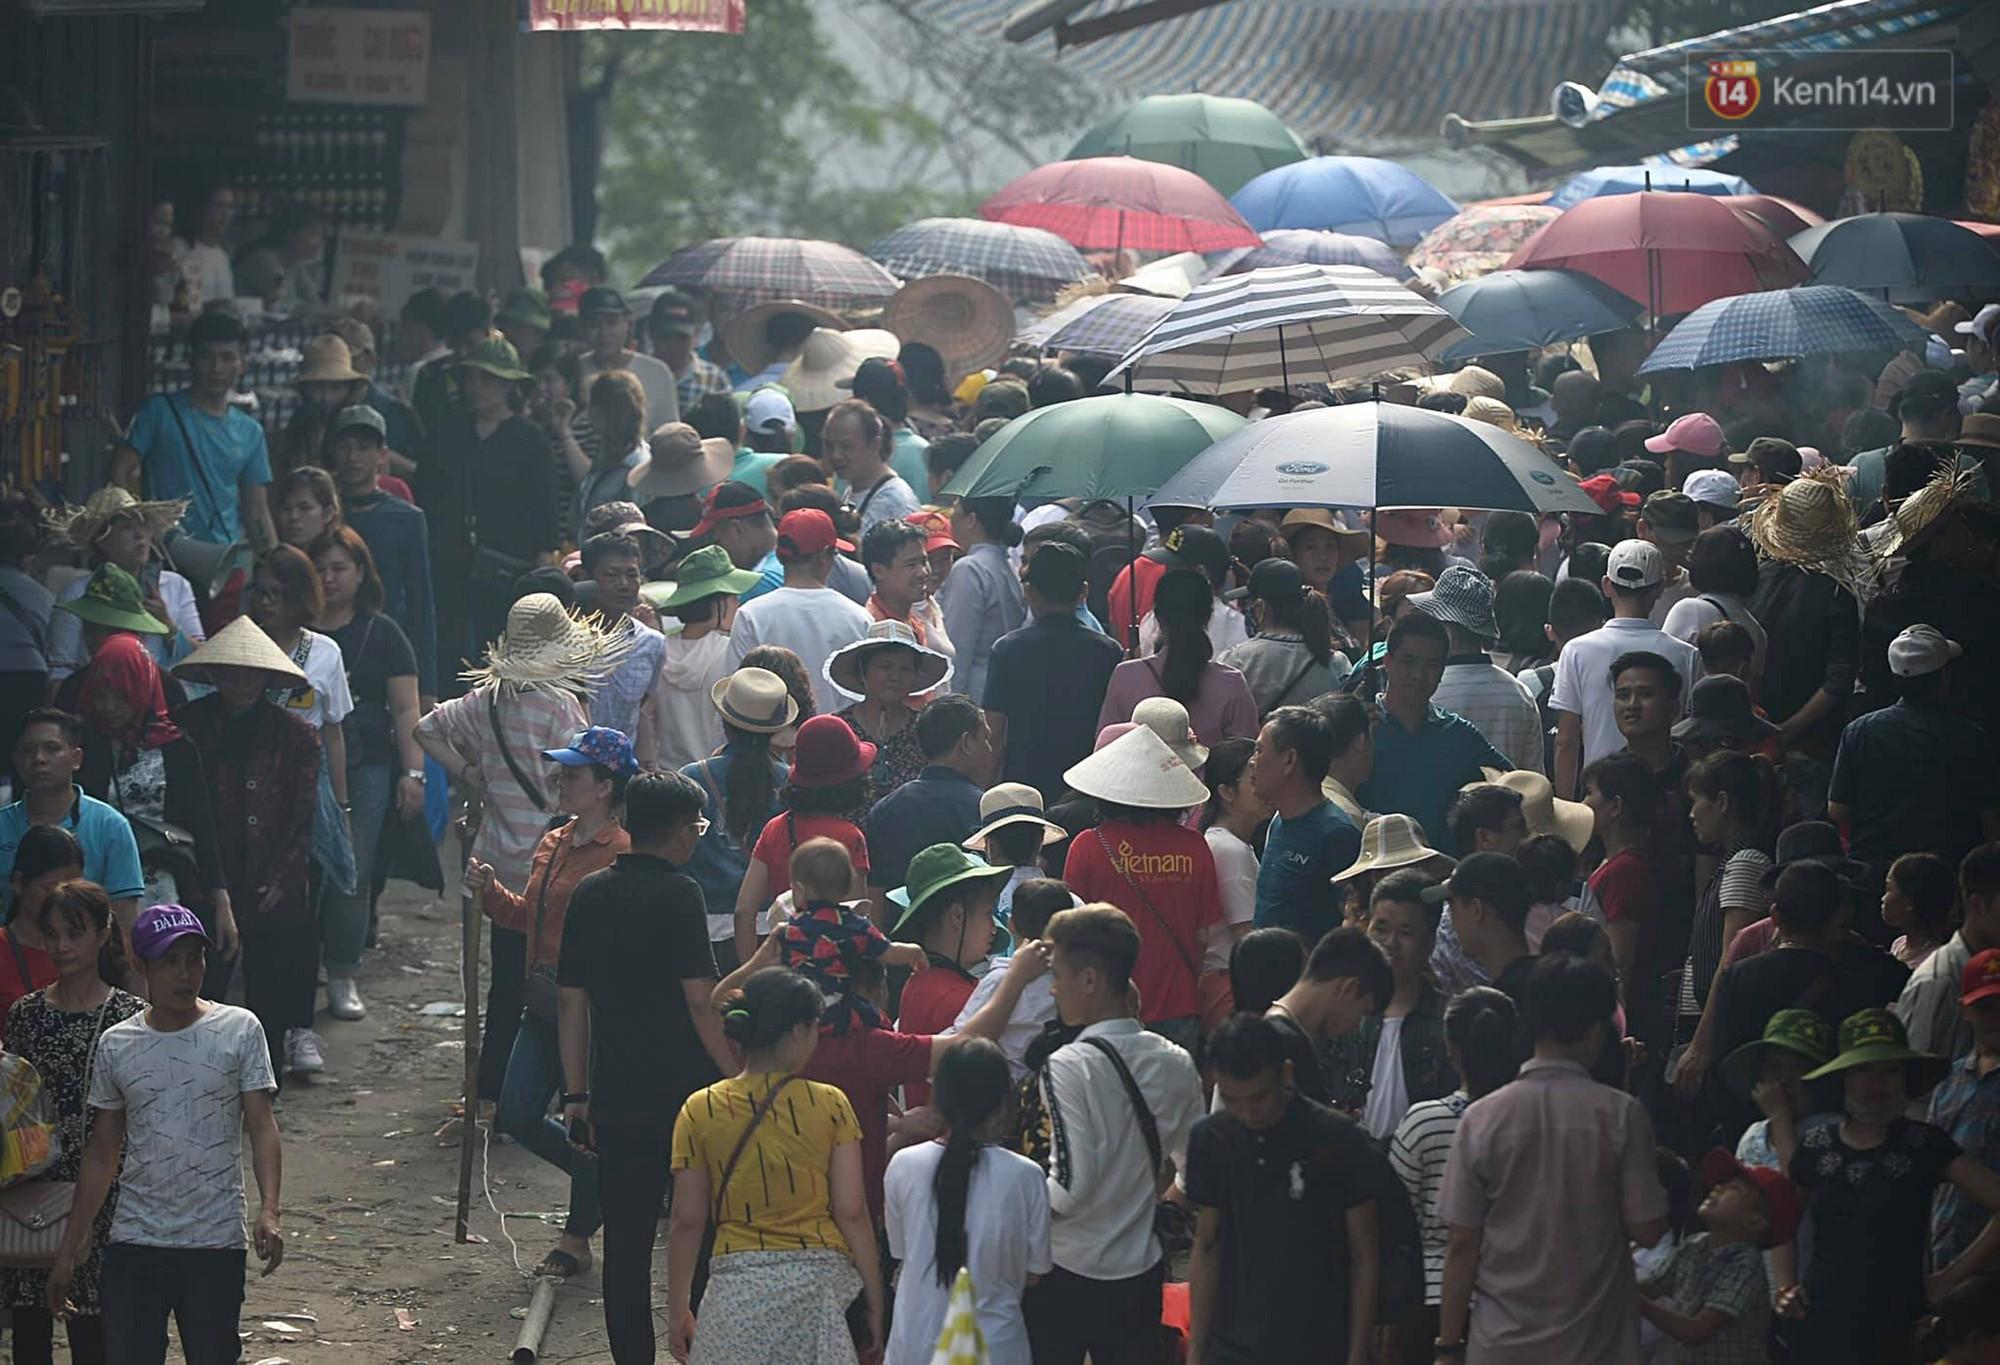 Gần 5 vạn người đổ về chùa Hương trong ngày mồng 5 Tết, 1 ngày trước khi khai hội - Ảnh 6.